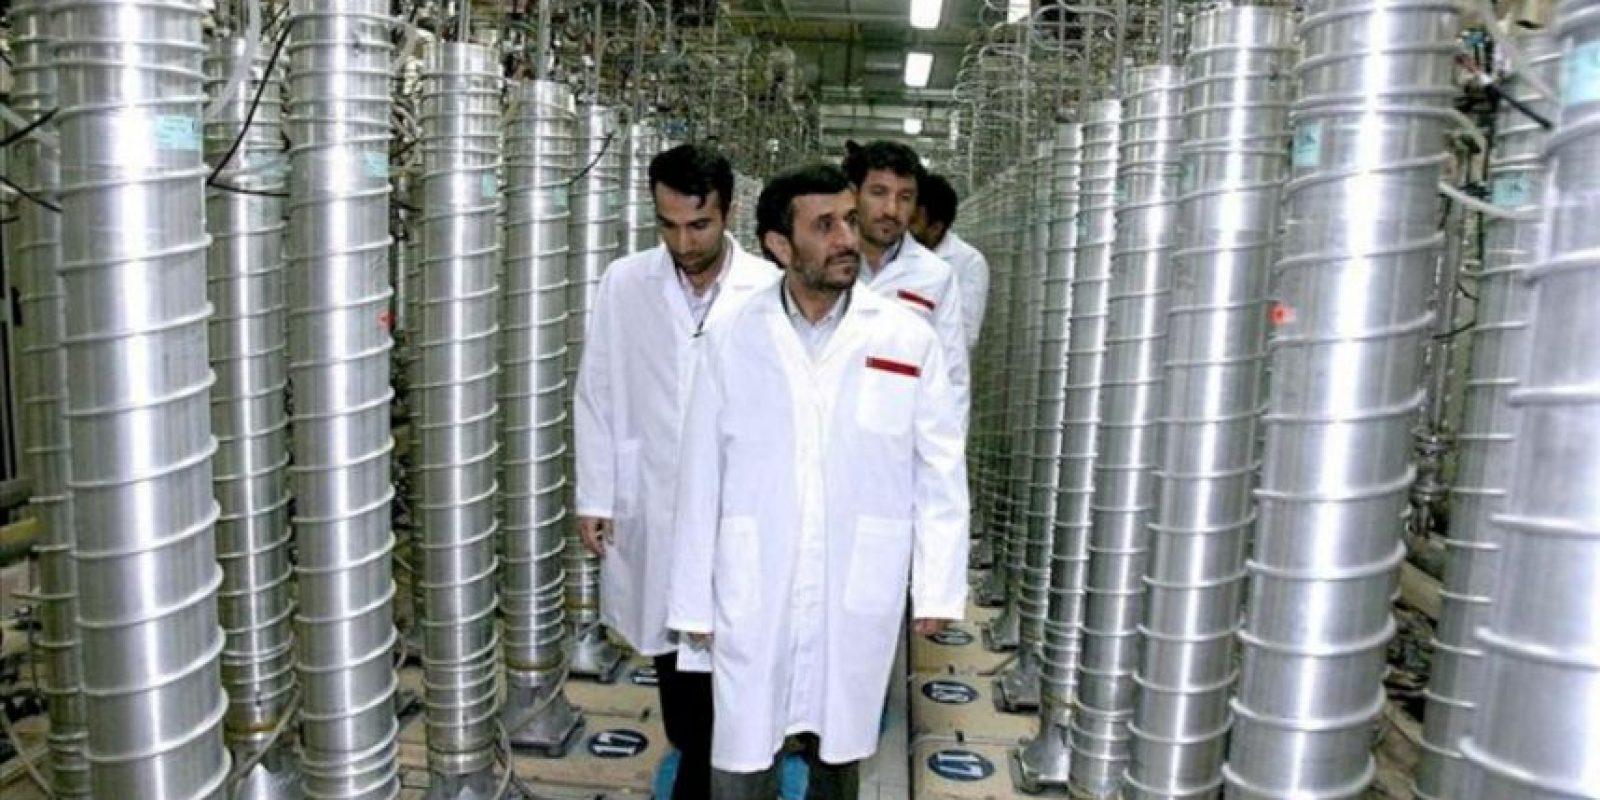 Imagen cedida por la web presidencial iraní y fechada en marzo del 2007 del presidente iraní, Mahmud Ahmadineyad (c), visitando la planta atómica de Natanz, Irán. EFE/Archivo